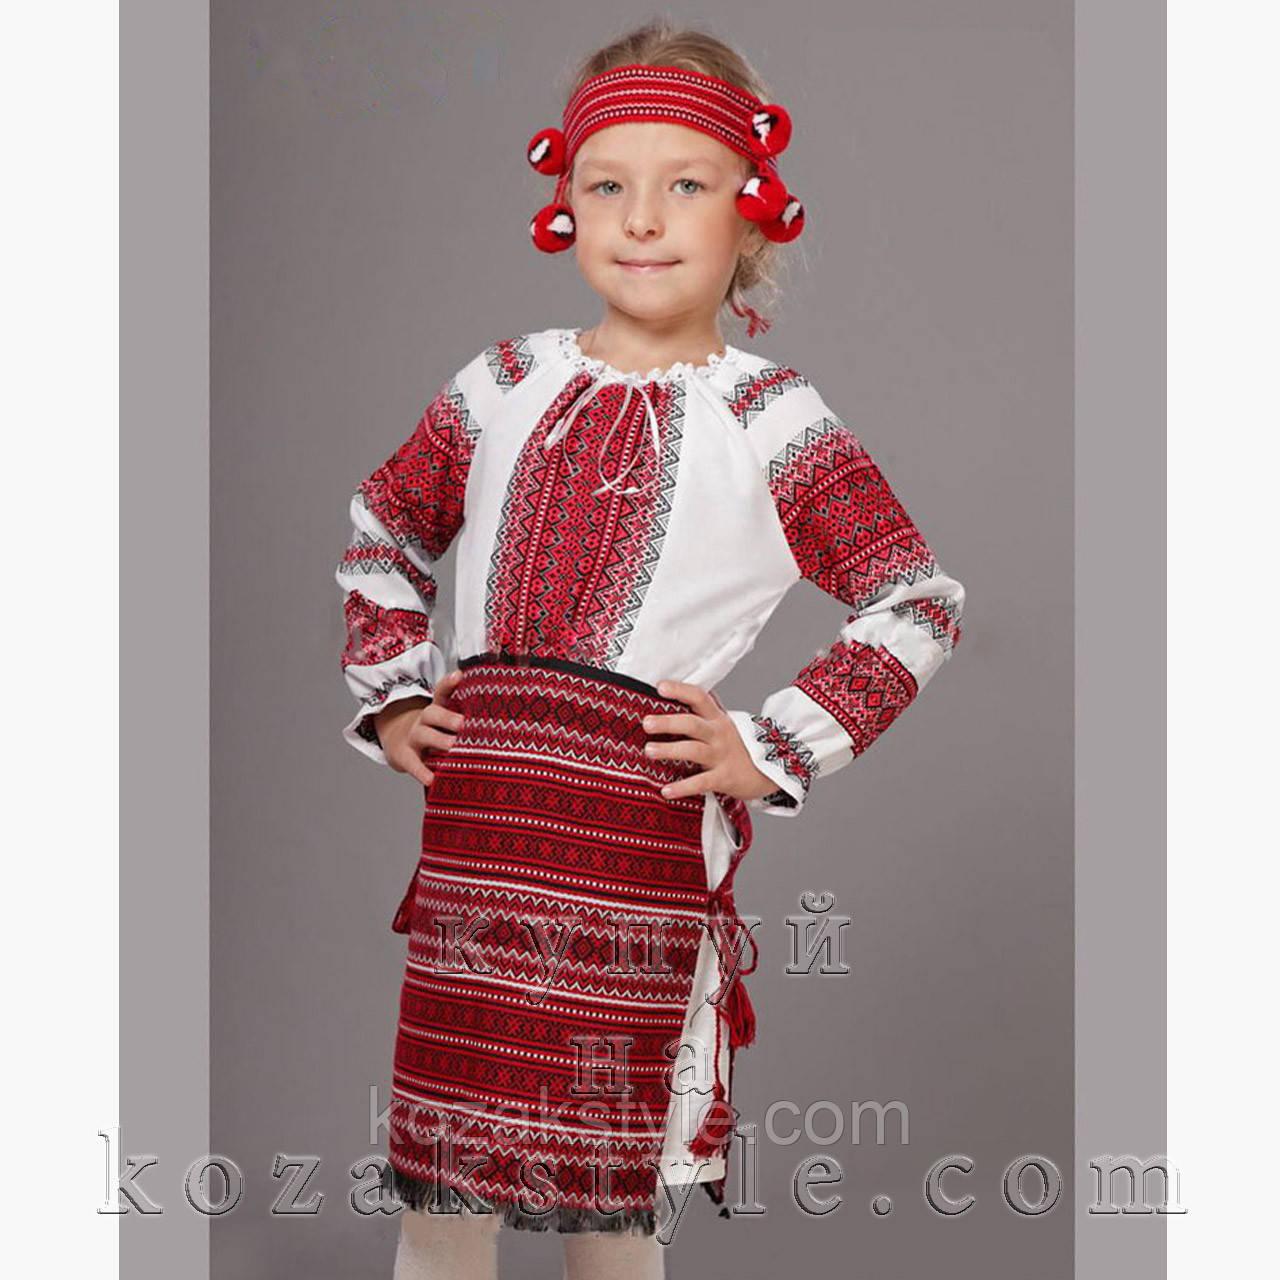 Український костюм з 3-х предметів на дівчинку 5-13 років